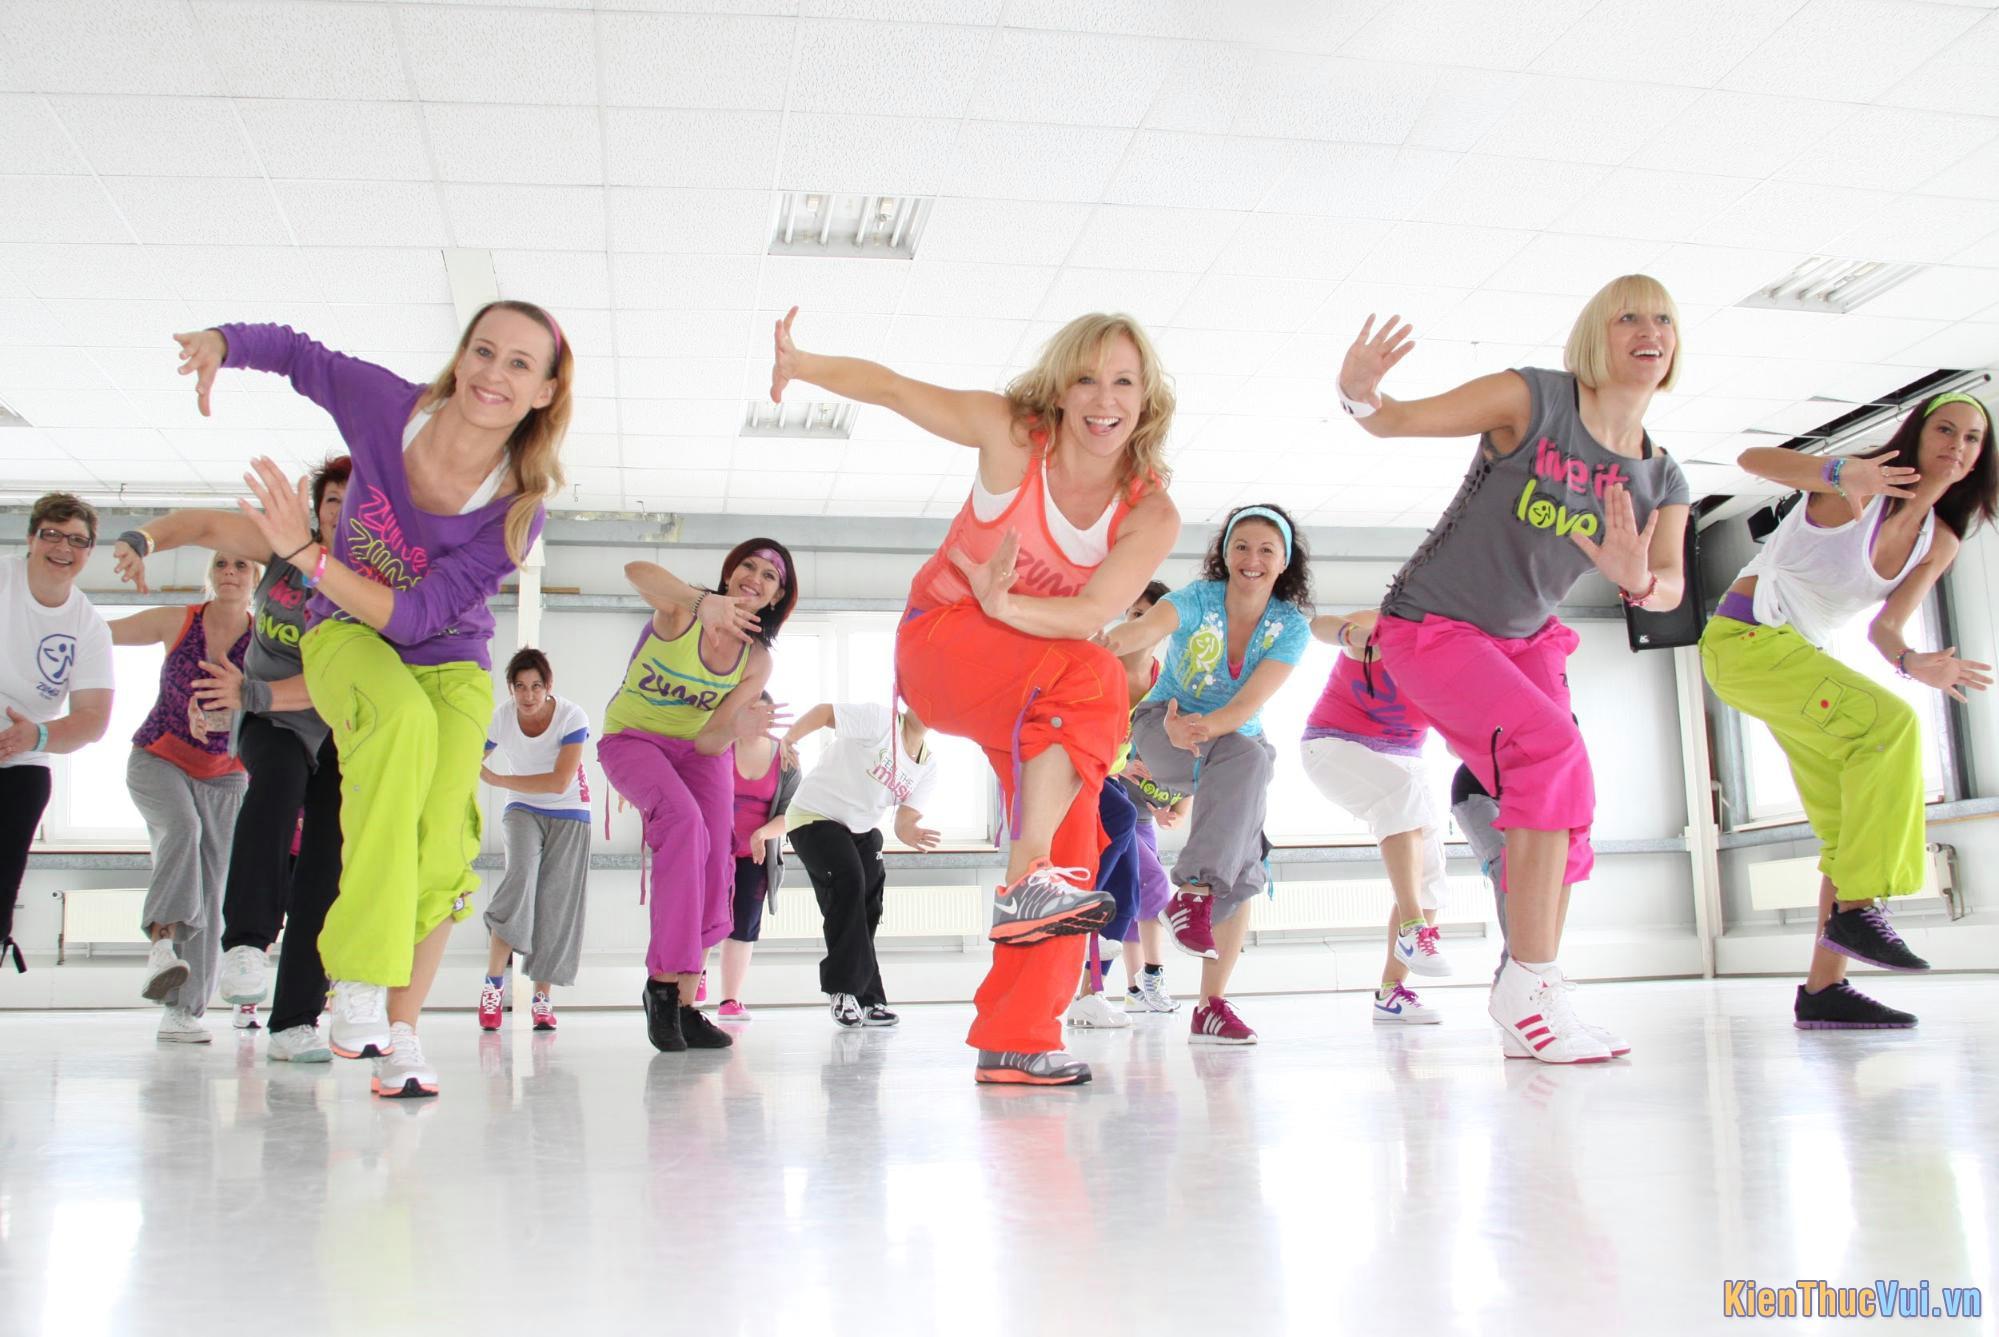 Khi nhảy Zoomba bạn nên mặc đồ thoải mái co giãn